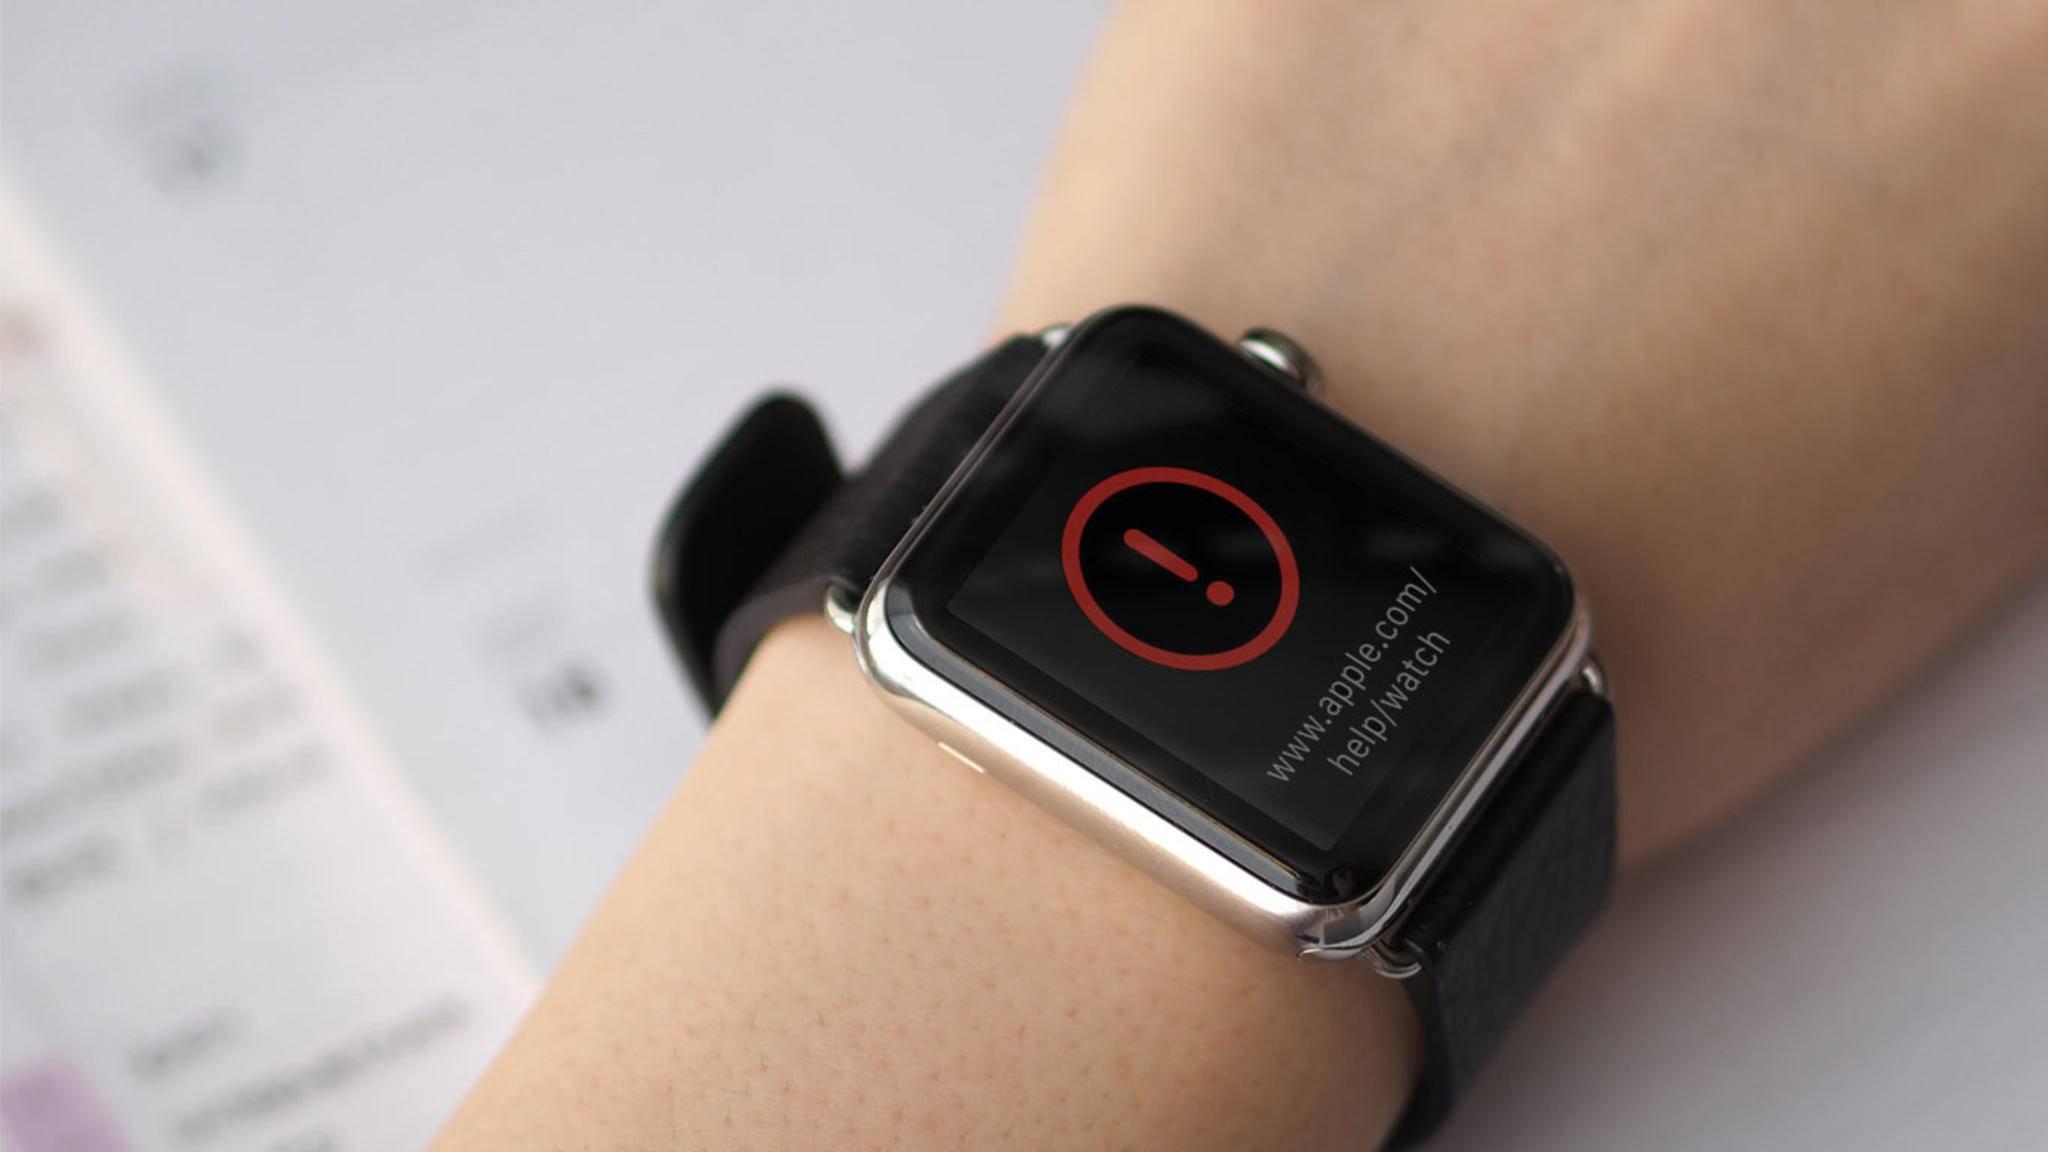 Nichts geht mehr: Wer diese Meldung nach dem neuesten Update erhält, muss sich an Apple wenden.